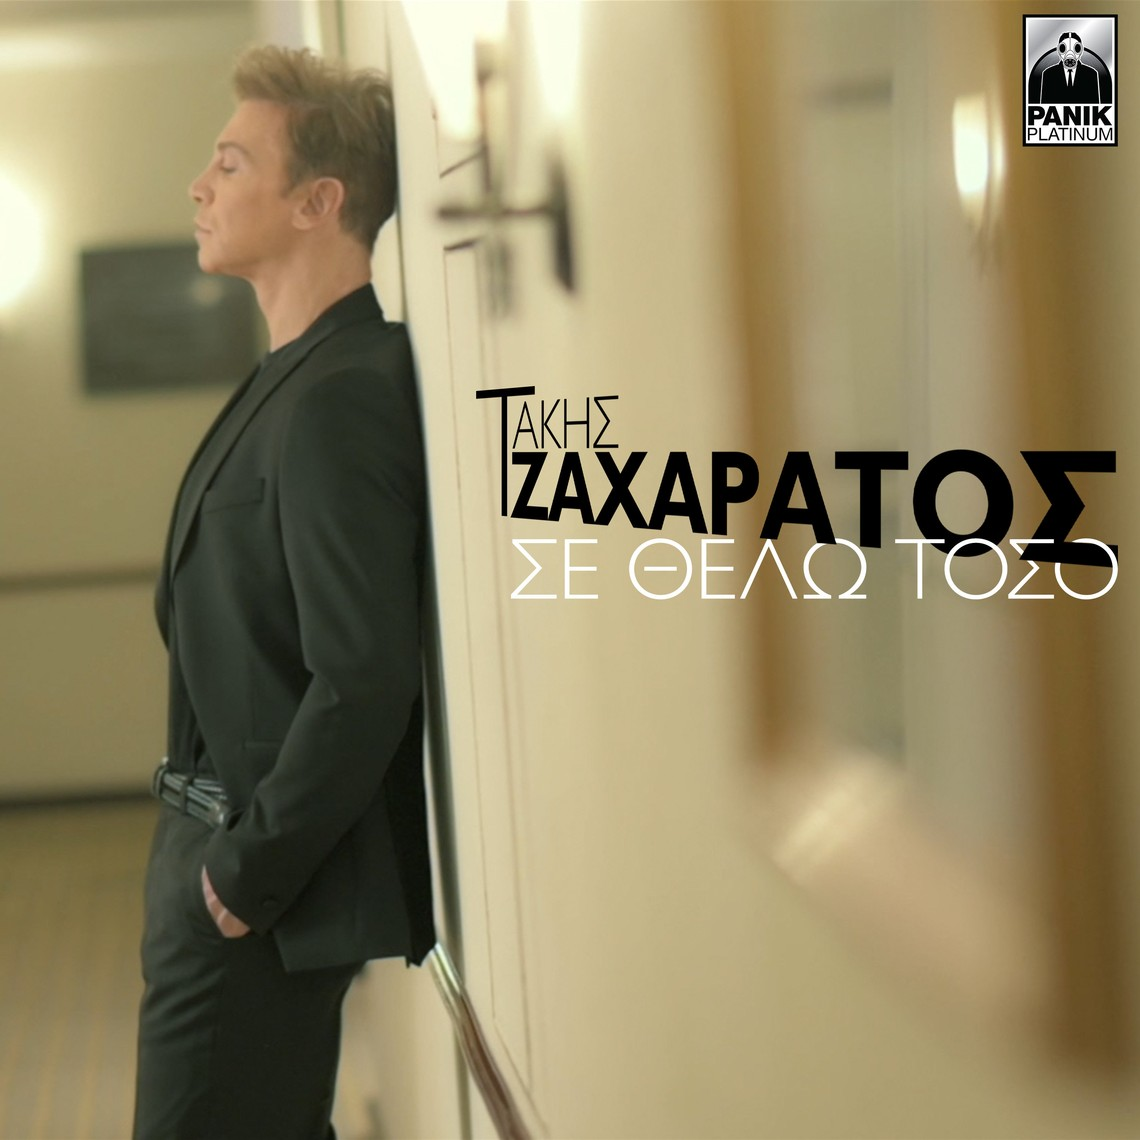 Τάκης Ζαχαράτος «Σε Θέλω Τόσο» νέο τραγούδι και music video